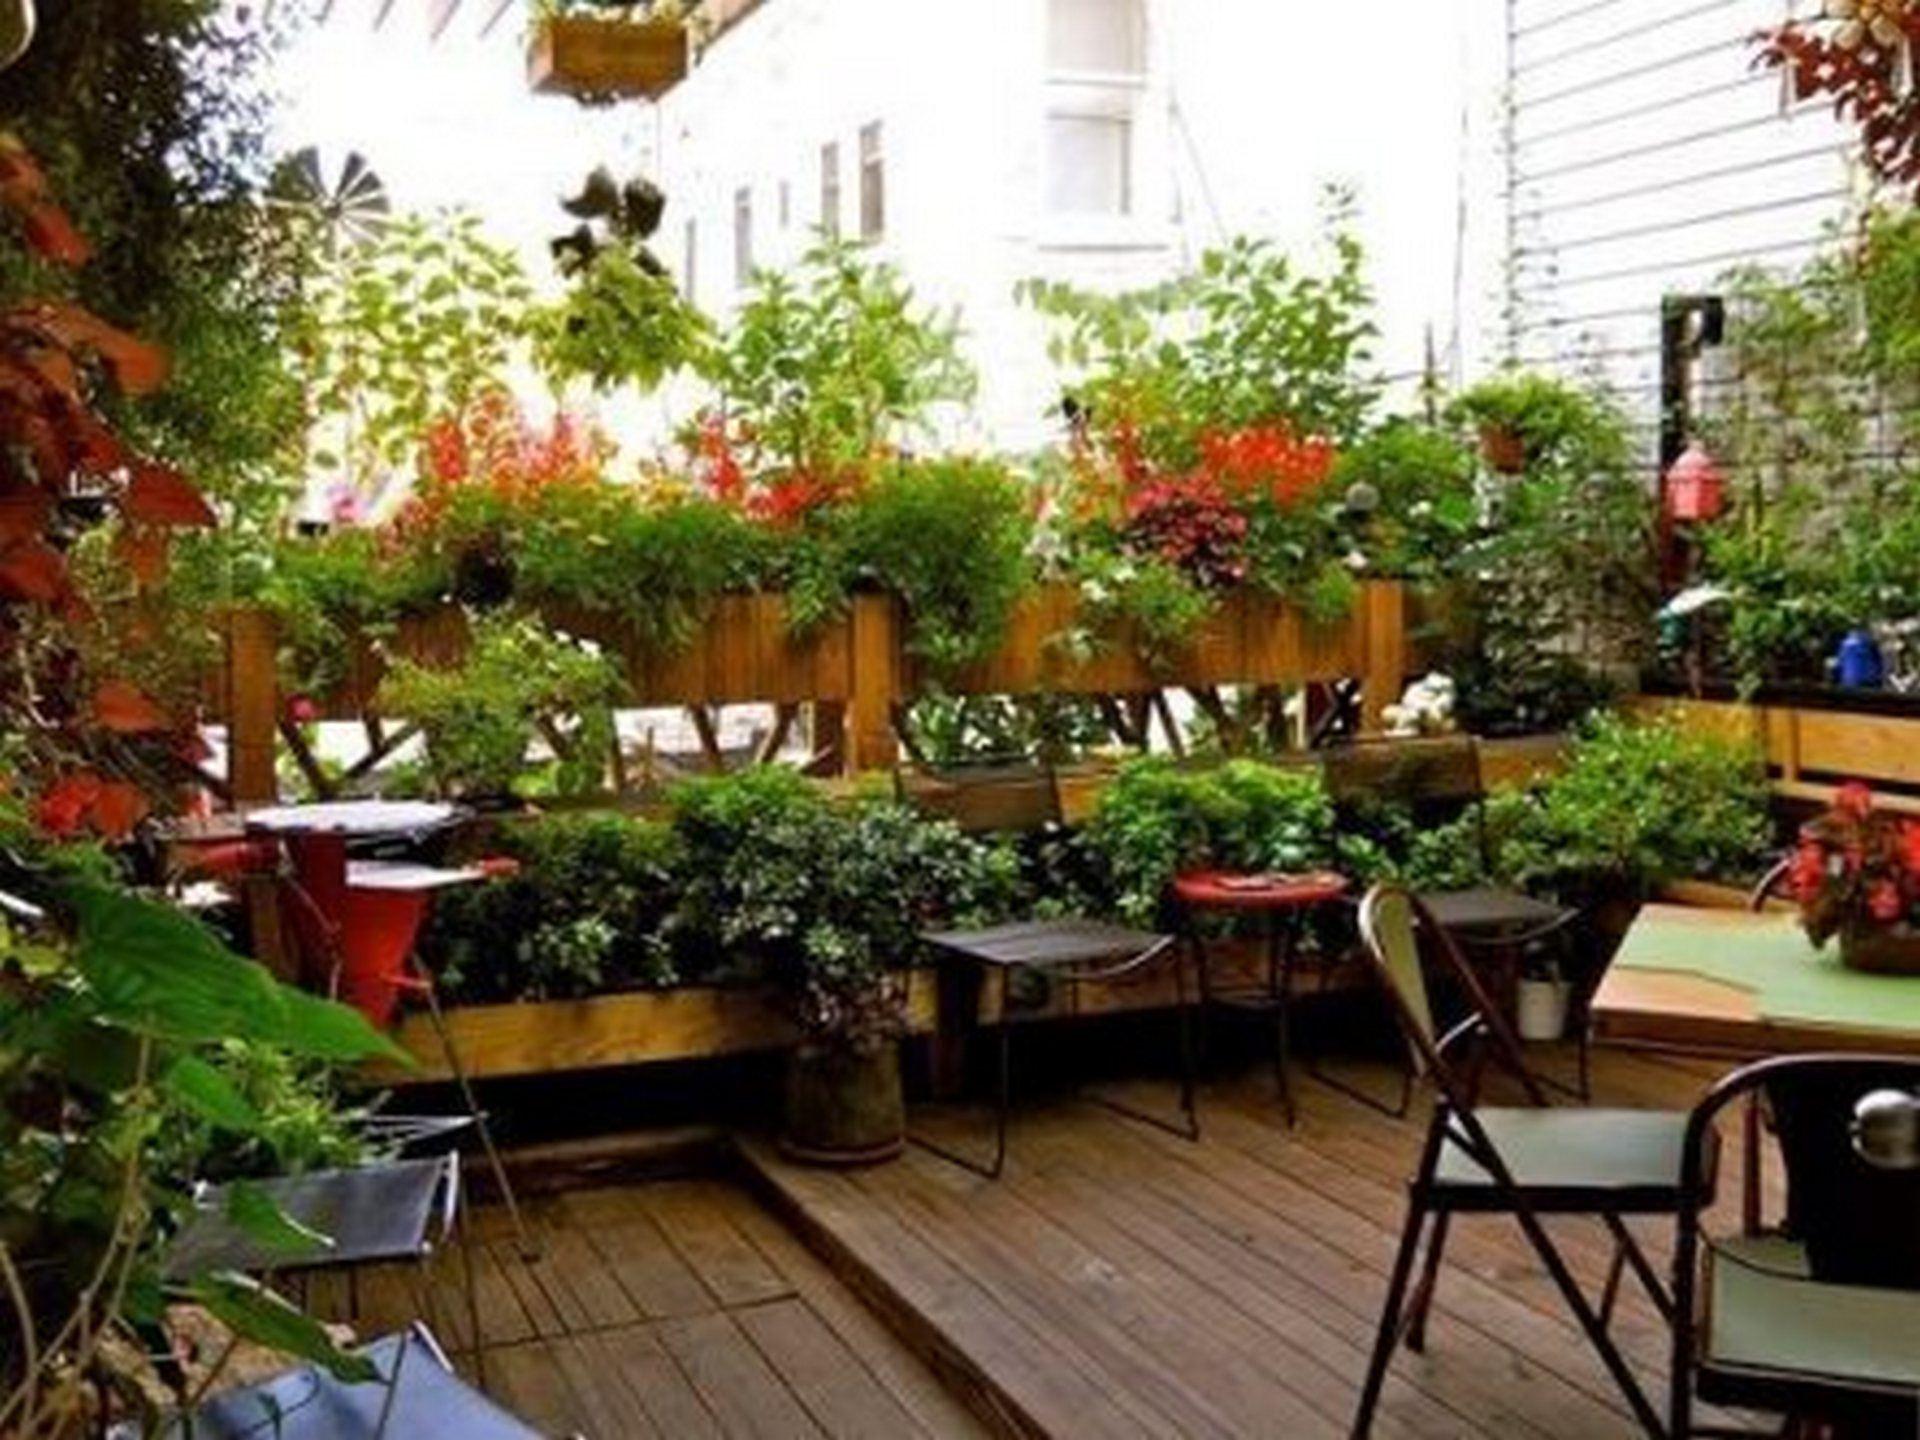 Terrace Garden Ideas And Designs Terrace Garden Ideas Stylish Balcony Garden Design Ideas Terrace In 2020 Patio Garden Design Terrace Garden Design Small Patio Garden